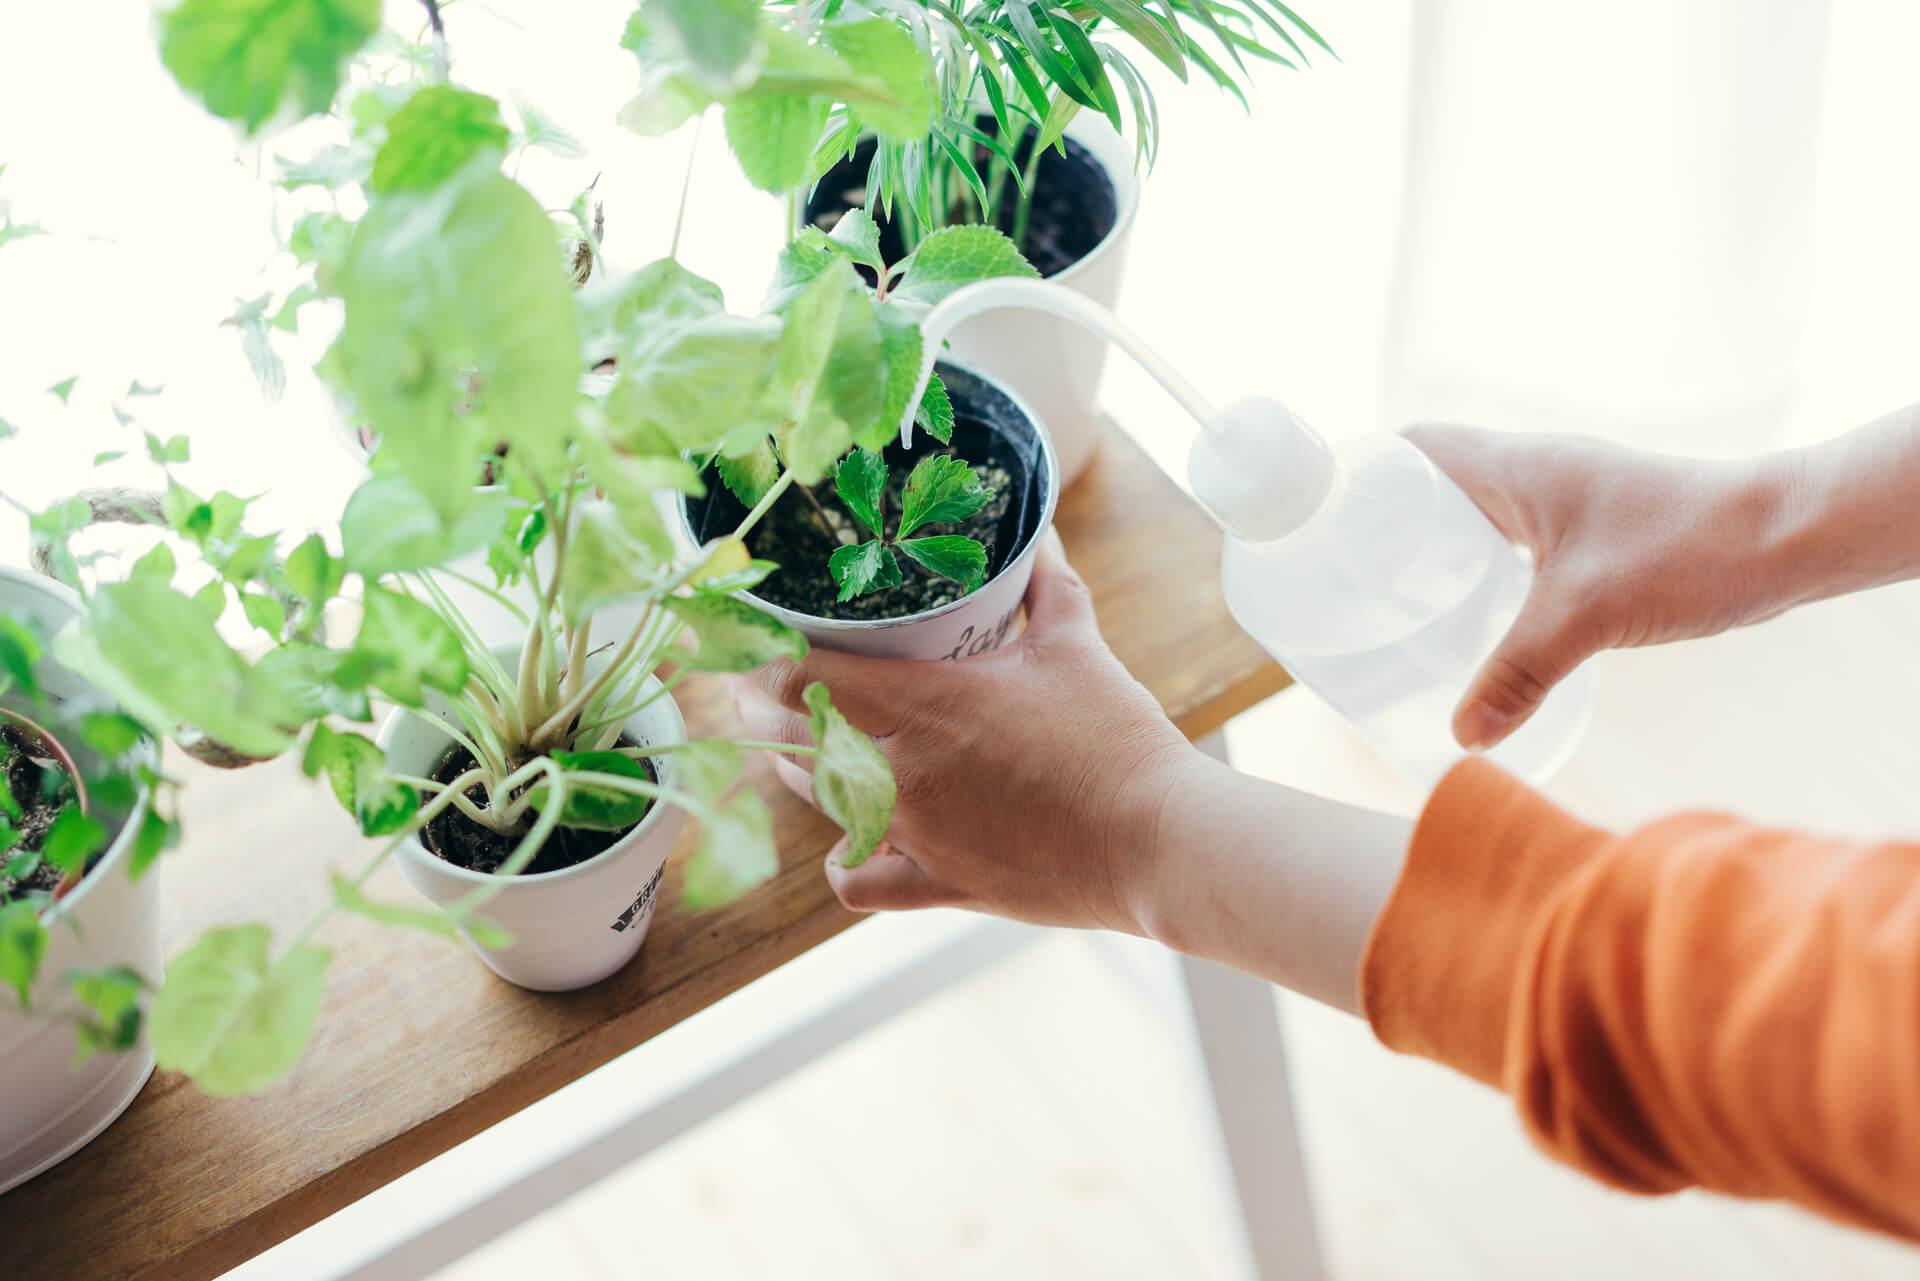 またはじめから大きなプランターを買うのが難しい、という方は、お花屋さんで売っている状態のまま、小さな鉢に入れて室内で育ててもOK。(このお部屋はこちら)